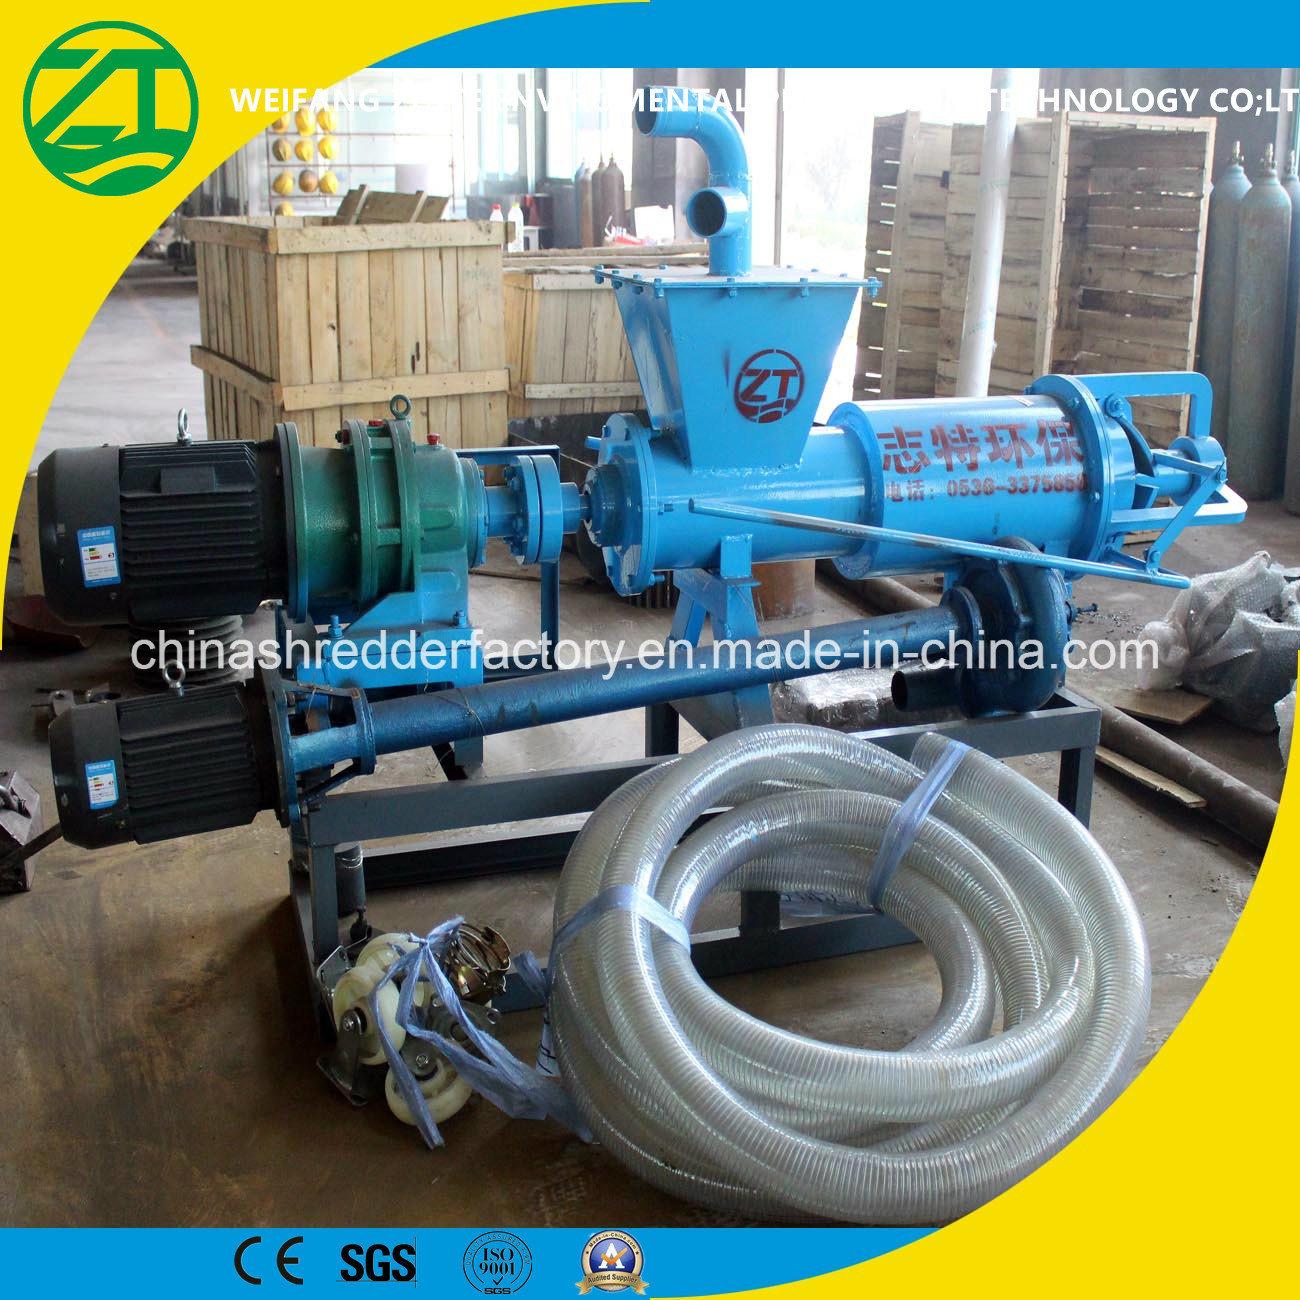 Chicken/Pig/Cattle/Cow Dung/Waste Dewater Machine Dewatering Solid Liquid Separator